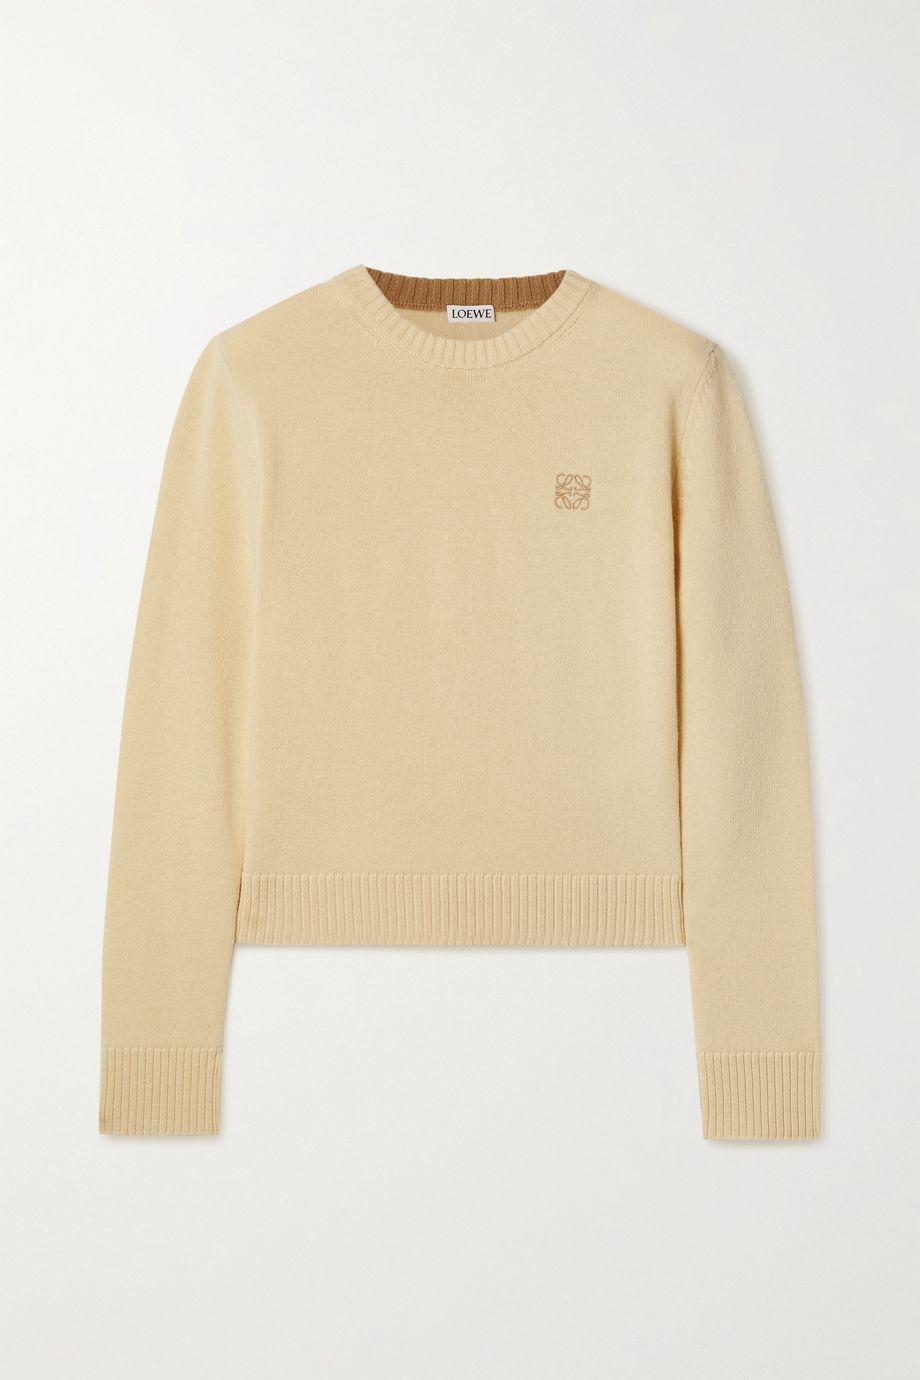 Loewe Pullover aus Wolle mit Stickerei